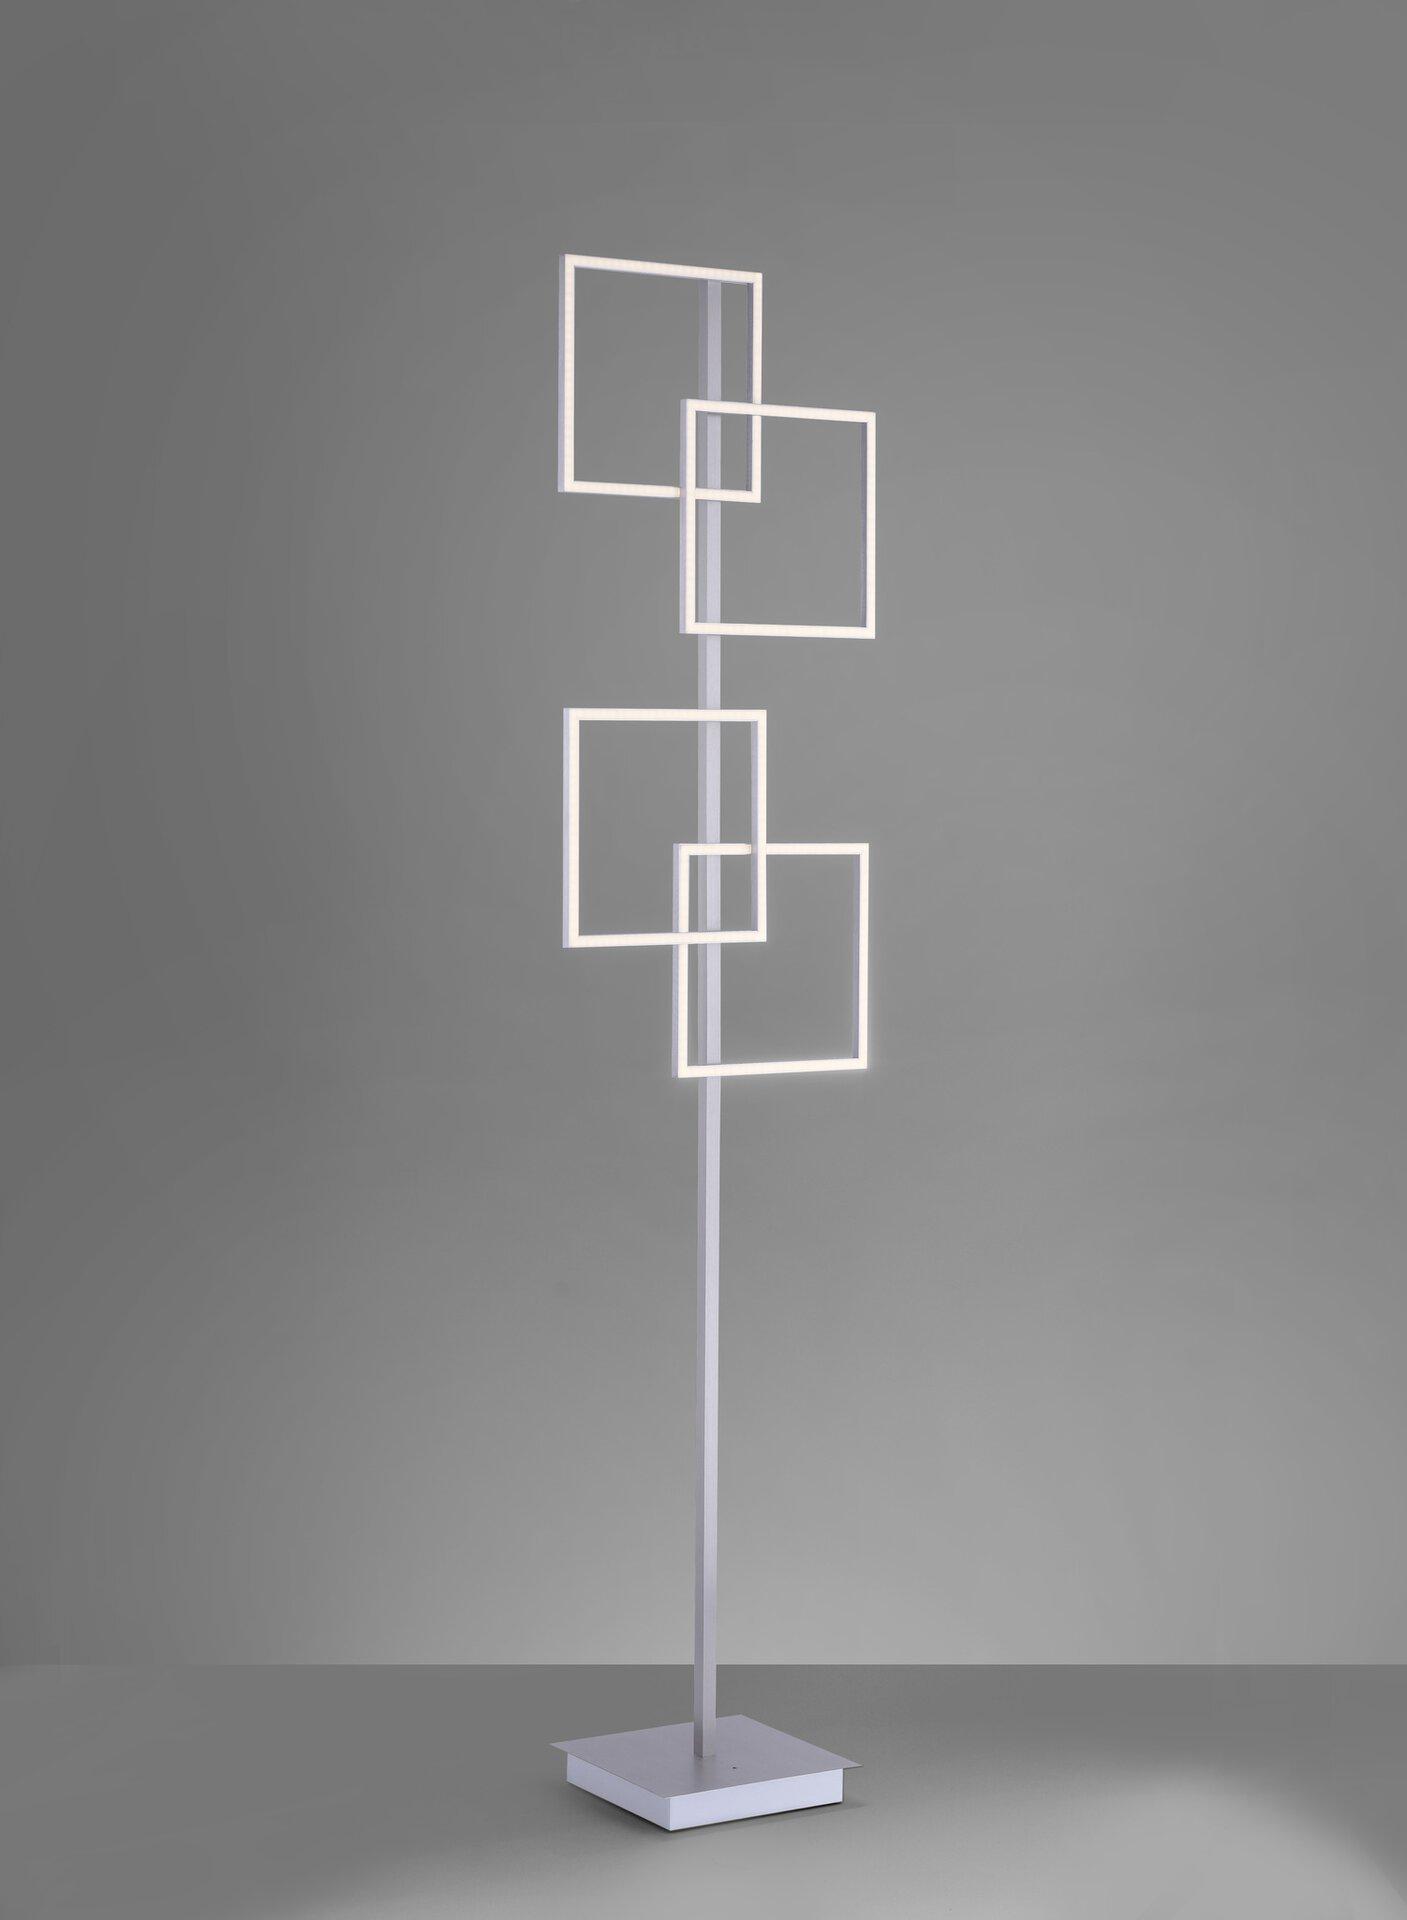 Stehleuchte INIGO Paul Neuhaus Metall silber 40 x 165 x 25 cm